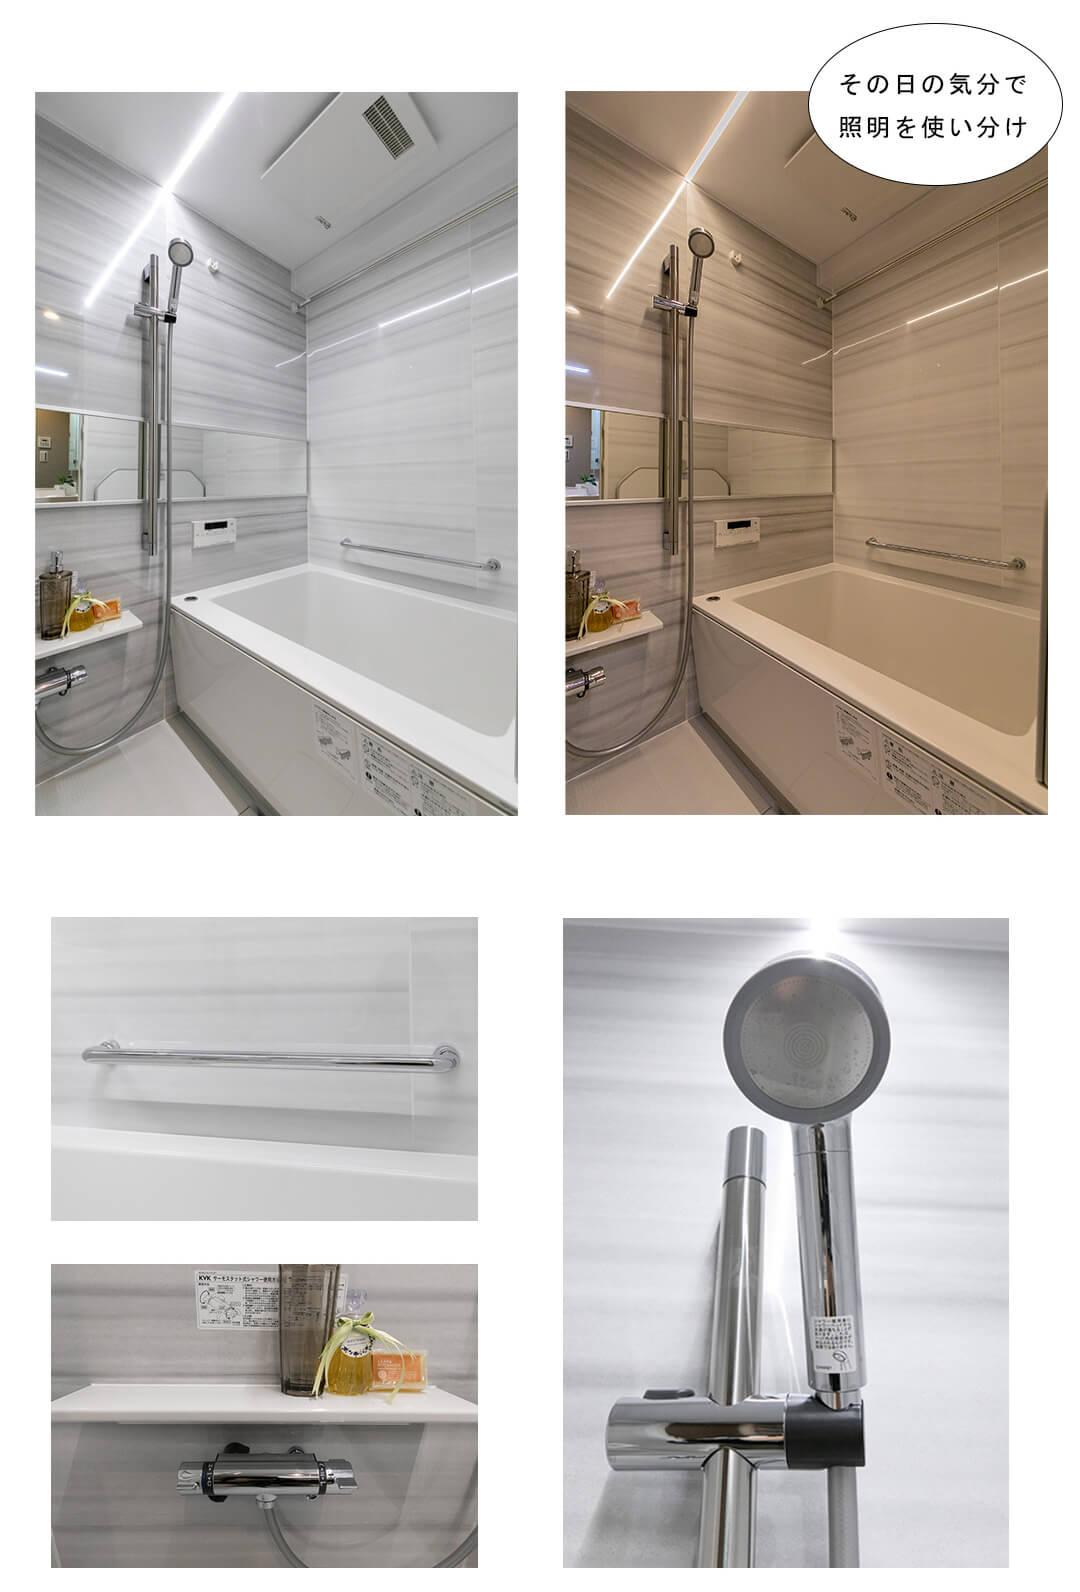 ヴァンヴェール世田谷 1201の浴室